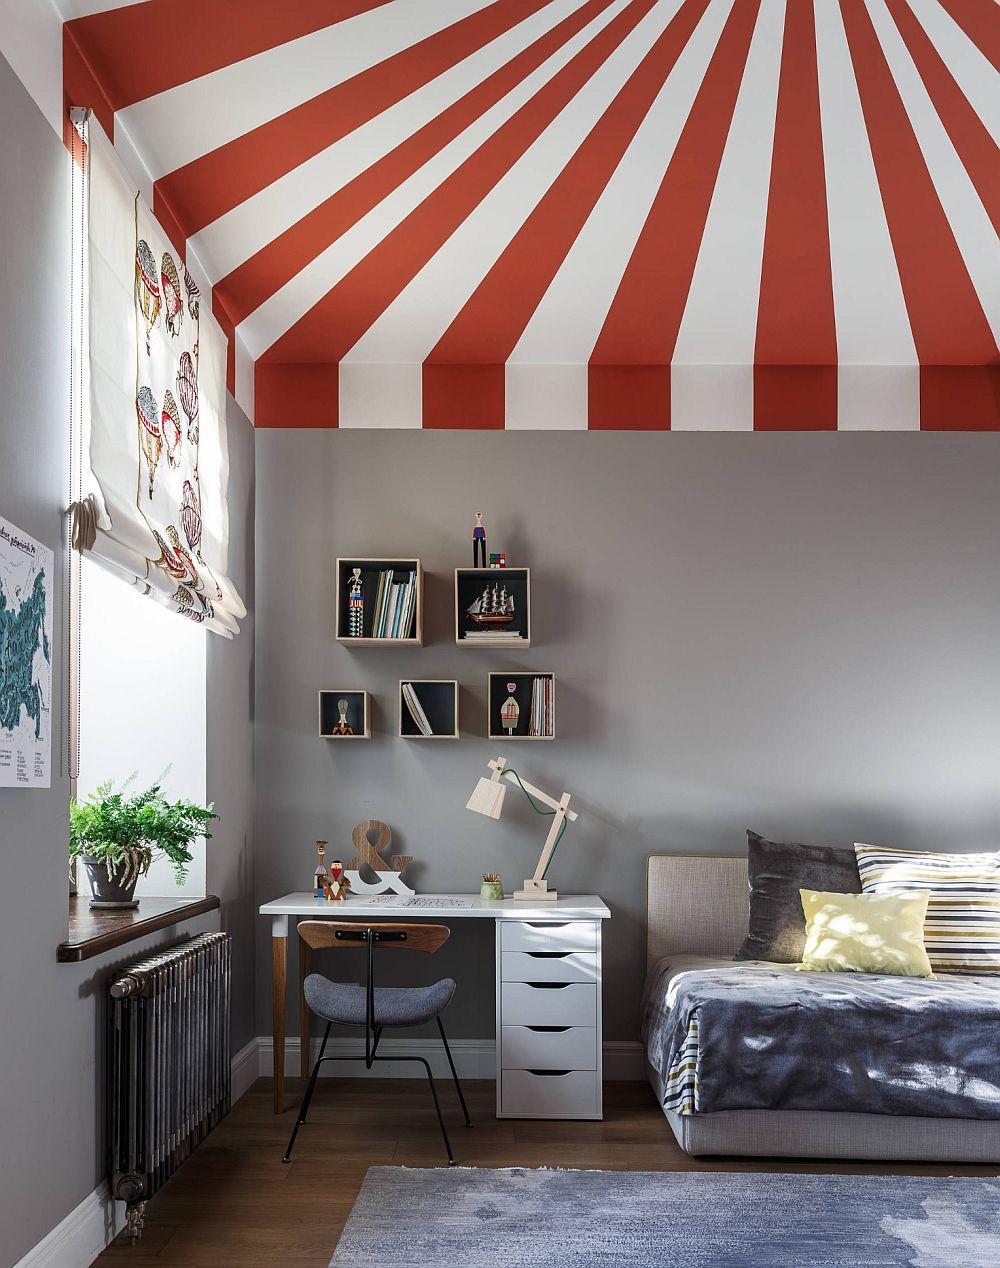 Al treilea loc de dormit este configurat cu un pat pentru o singură persoană, care pe timpul zilei arată ca o canapea.